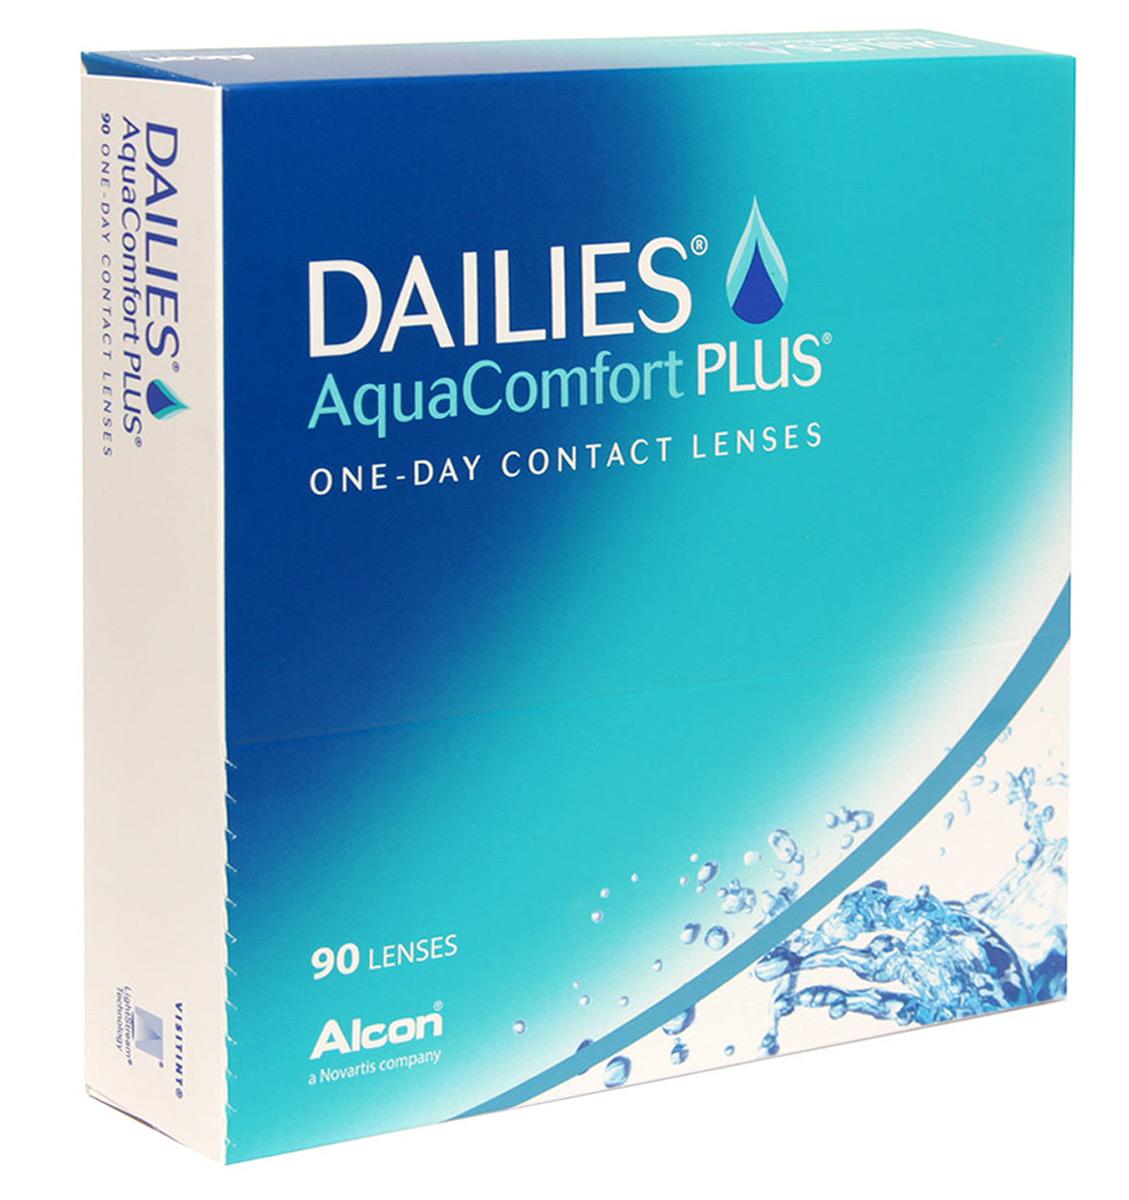 CIBA контактные линзы Dailies AquaComfort Plus (90шт / 8.7 / 14.0 / -3.50)38378Dailies AquaComfort Plus - это одни из самых популярных однодневных линз производства компании Ciba Vision. Эти линзы пользуются огромной популярностью во всем мире и являются на сегодняшний день самыми безопасными контактными линзами. Изготавливаются линзы из современного, 100% безопасного материала нелфилкон А. Особенность этого материала в том, что он легко пропускает воздух и хорошо сохраняет влагу. Однодневные контактные линзы Dailies AquaComfort Plus не нуждаются в дополнительном уходе и затратах, каждый день вы надеваете свежую пару линз. Дизайн линзы биосовместимый, что гарантирует безупречный комфорт. Самое главное достоинство Dailies AquaComfort Plus - это их уникальная система увлажнения. Благодаря этой разработке линзы увлажняются тремя различными агентами. Первый компонент, ухаживающий за линзами, находится в растворе, он как бы обволакивает линзу, обеспечивая чрезвычайно комфортное надевание. Второй агент выделяется на протяжении всего дня, он...